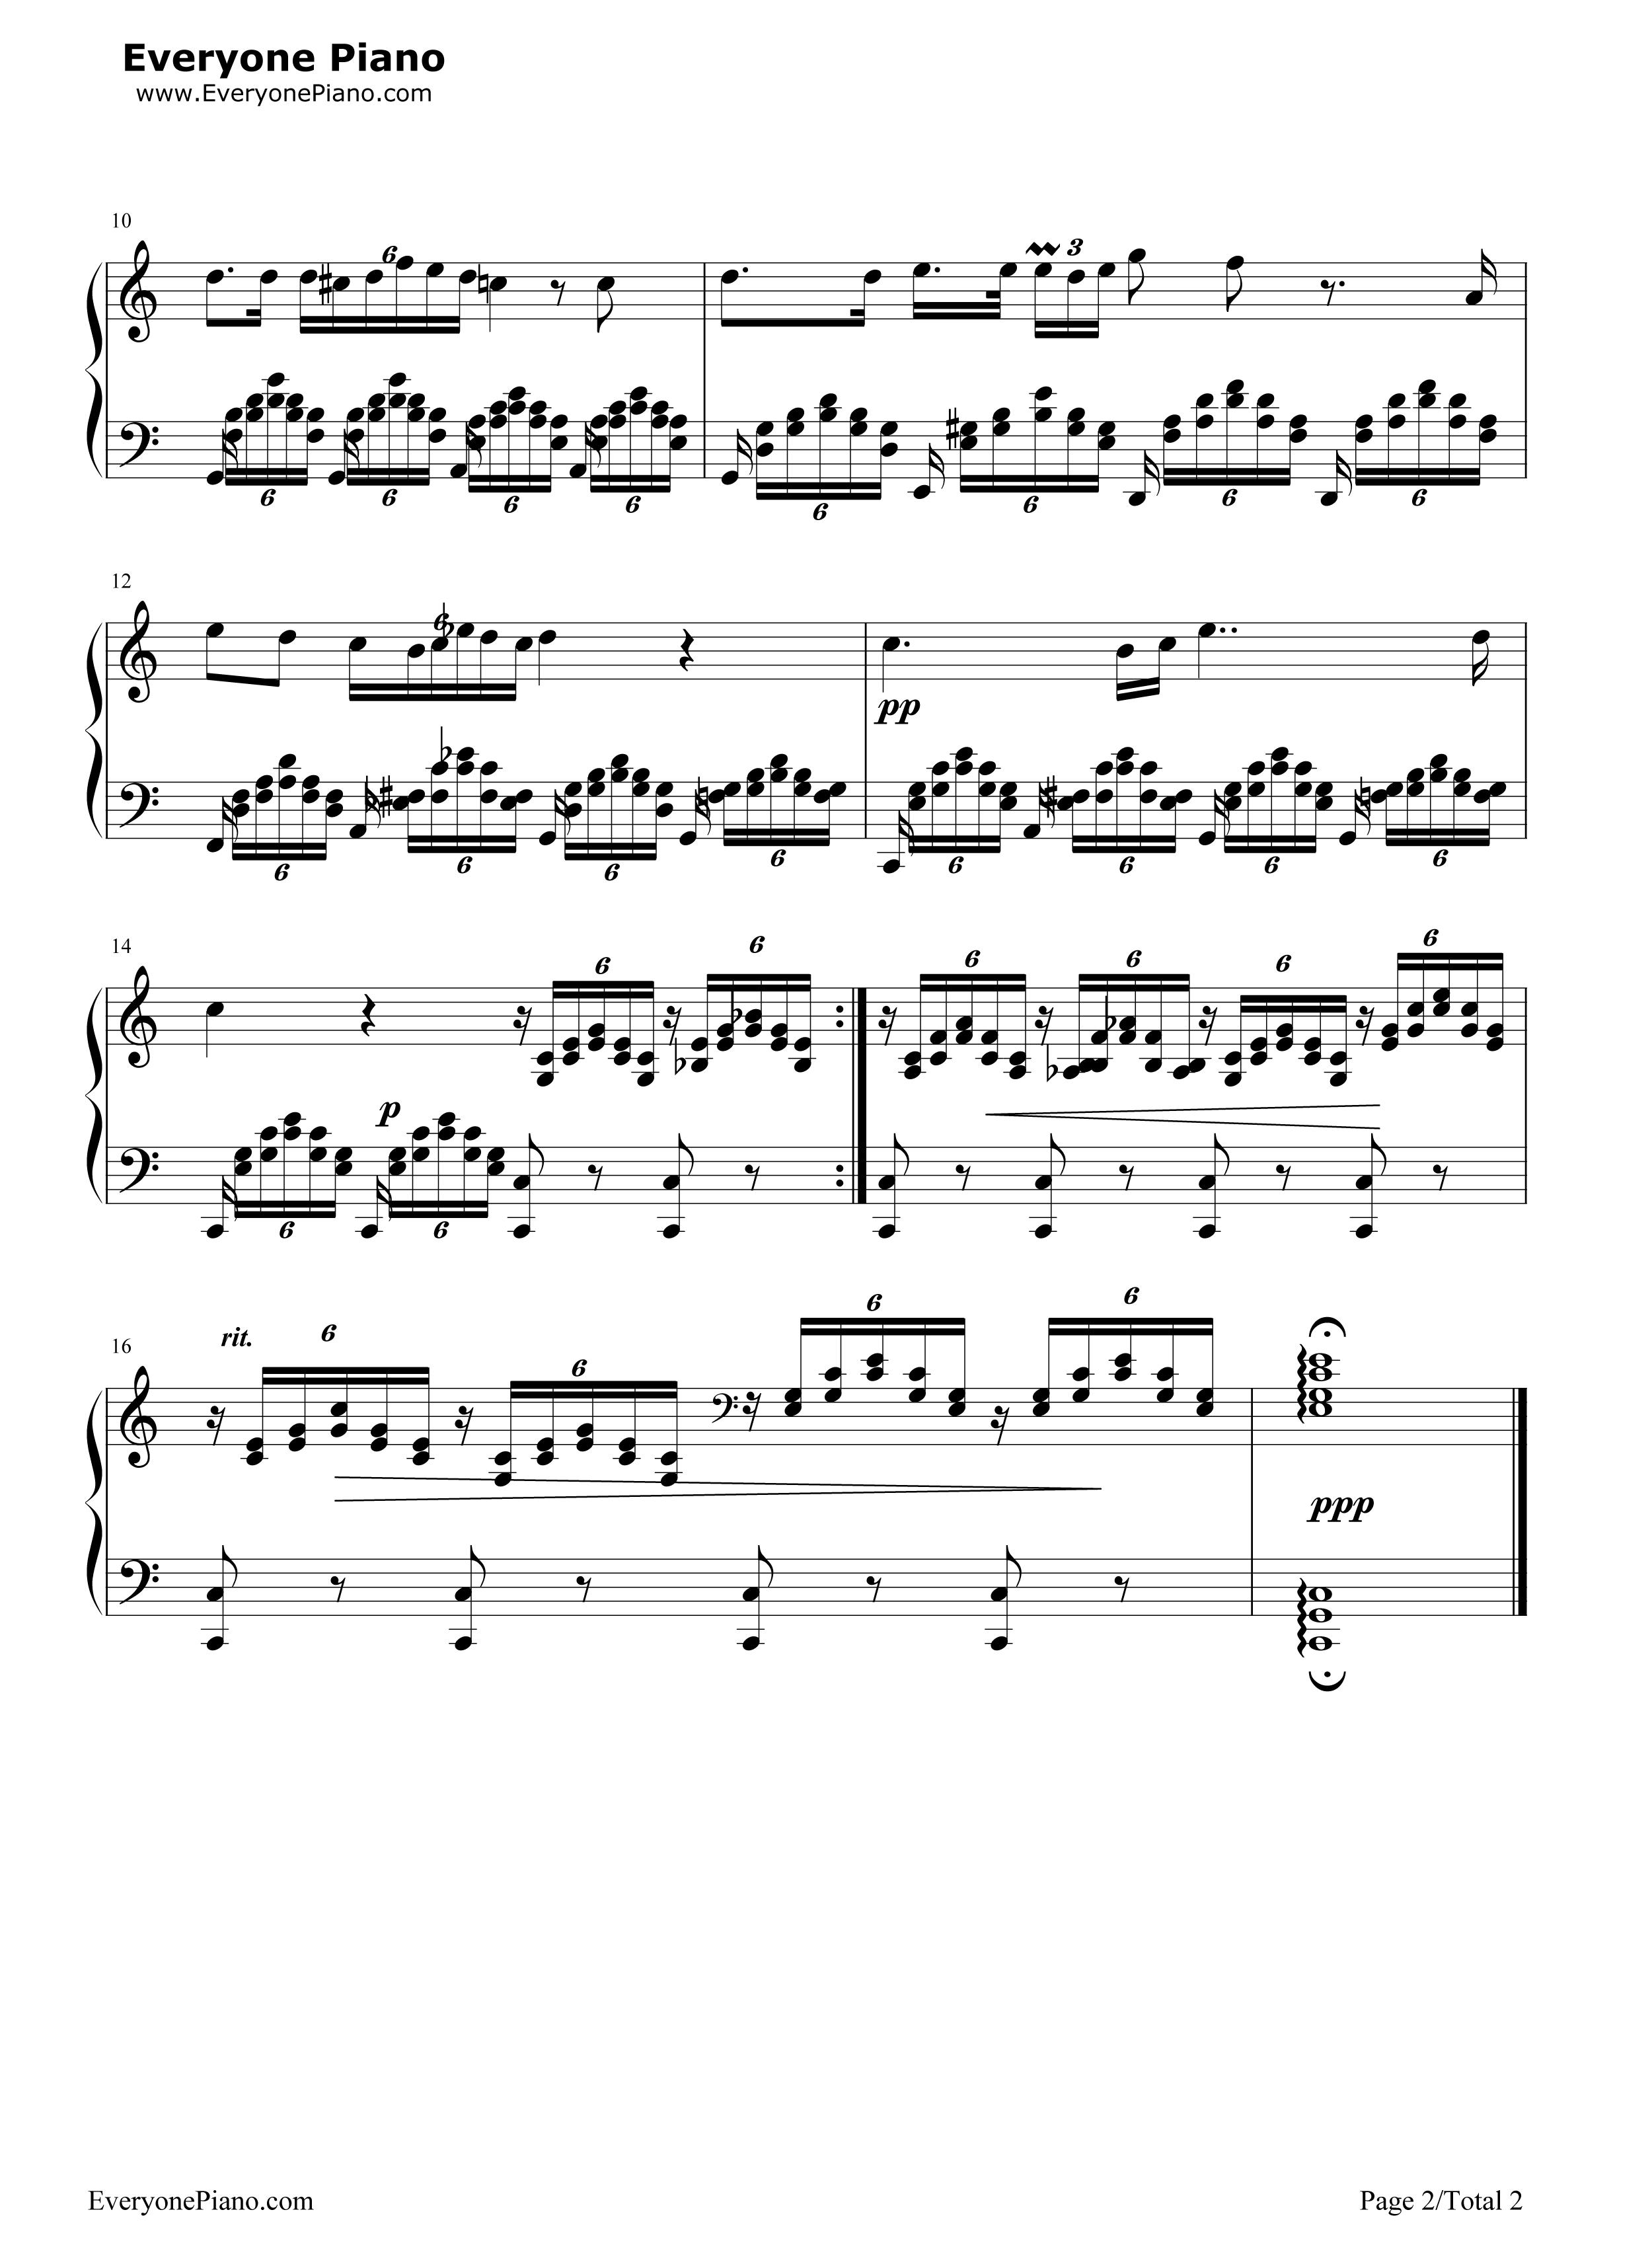 钢琴曲谱 经典 圣母颂-舒伯特 圣母颂-舒伯特五线谱预览2  }  仅供